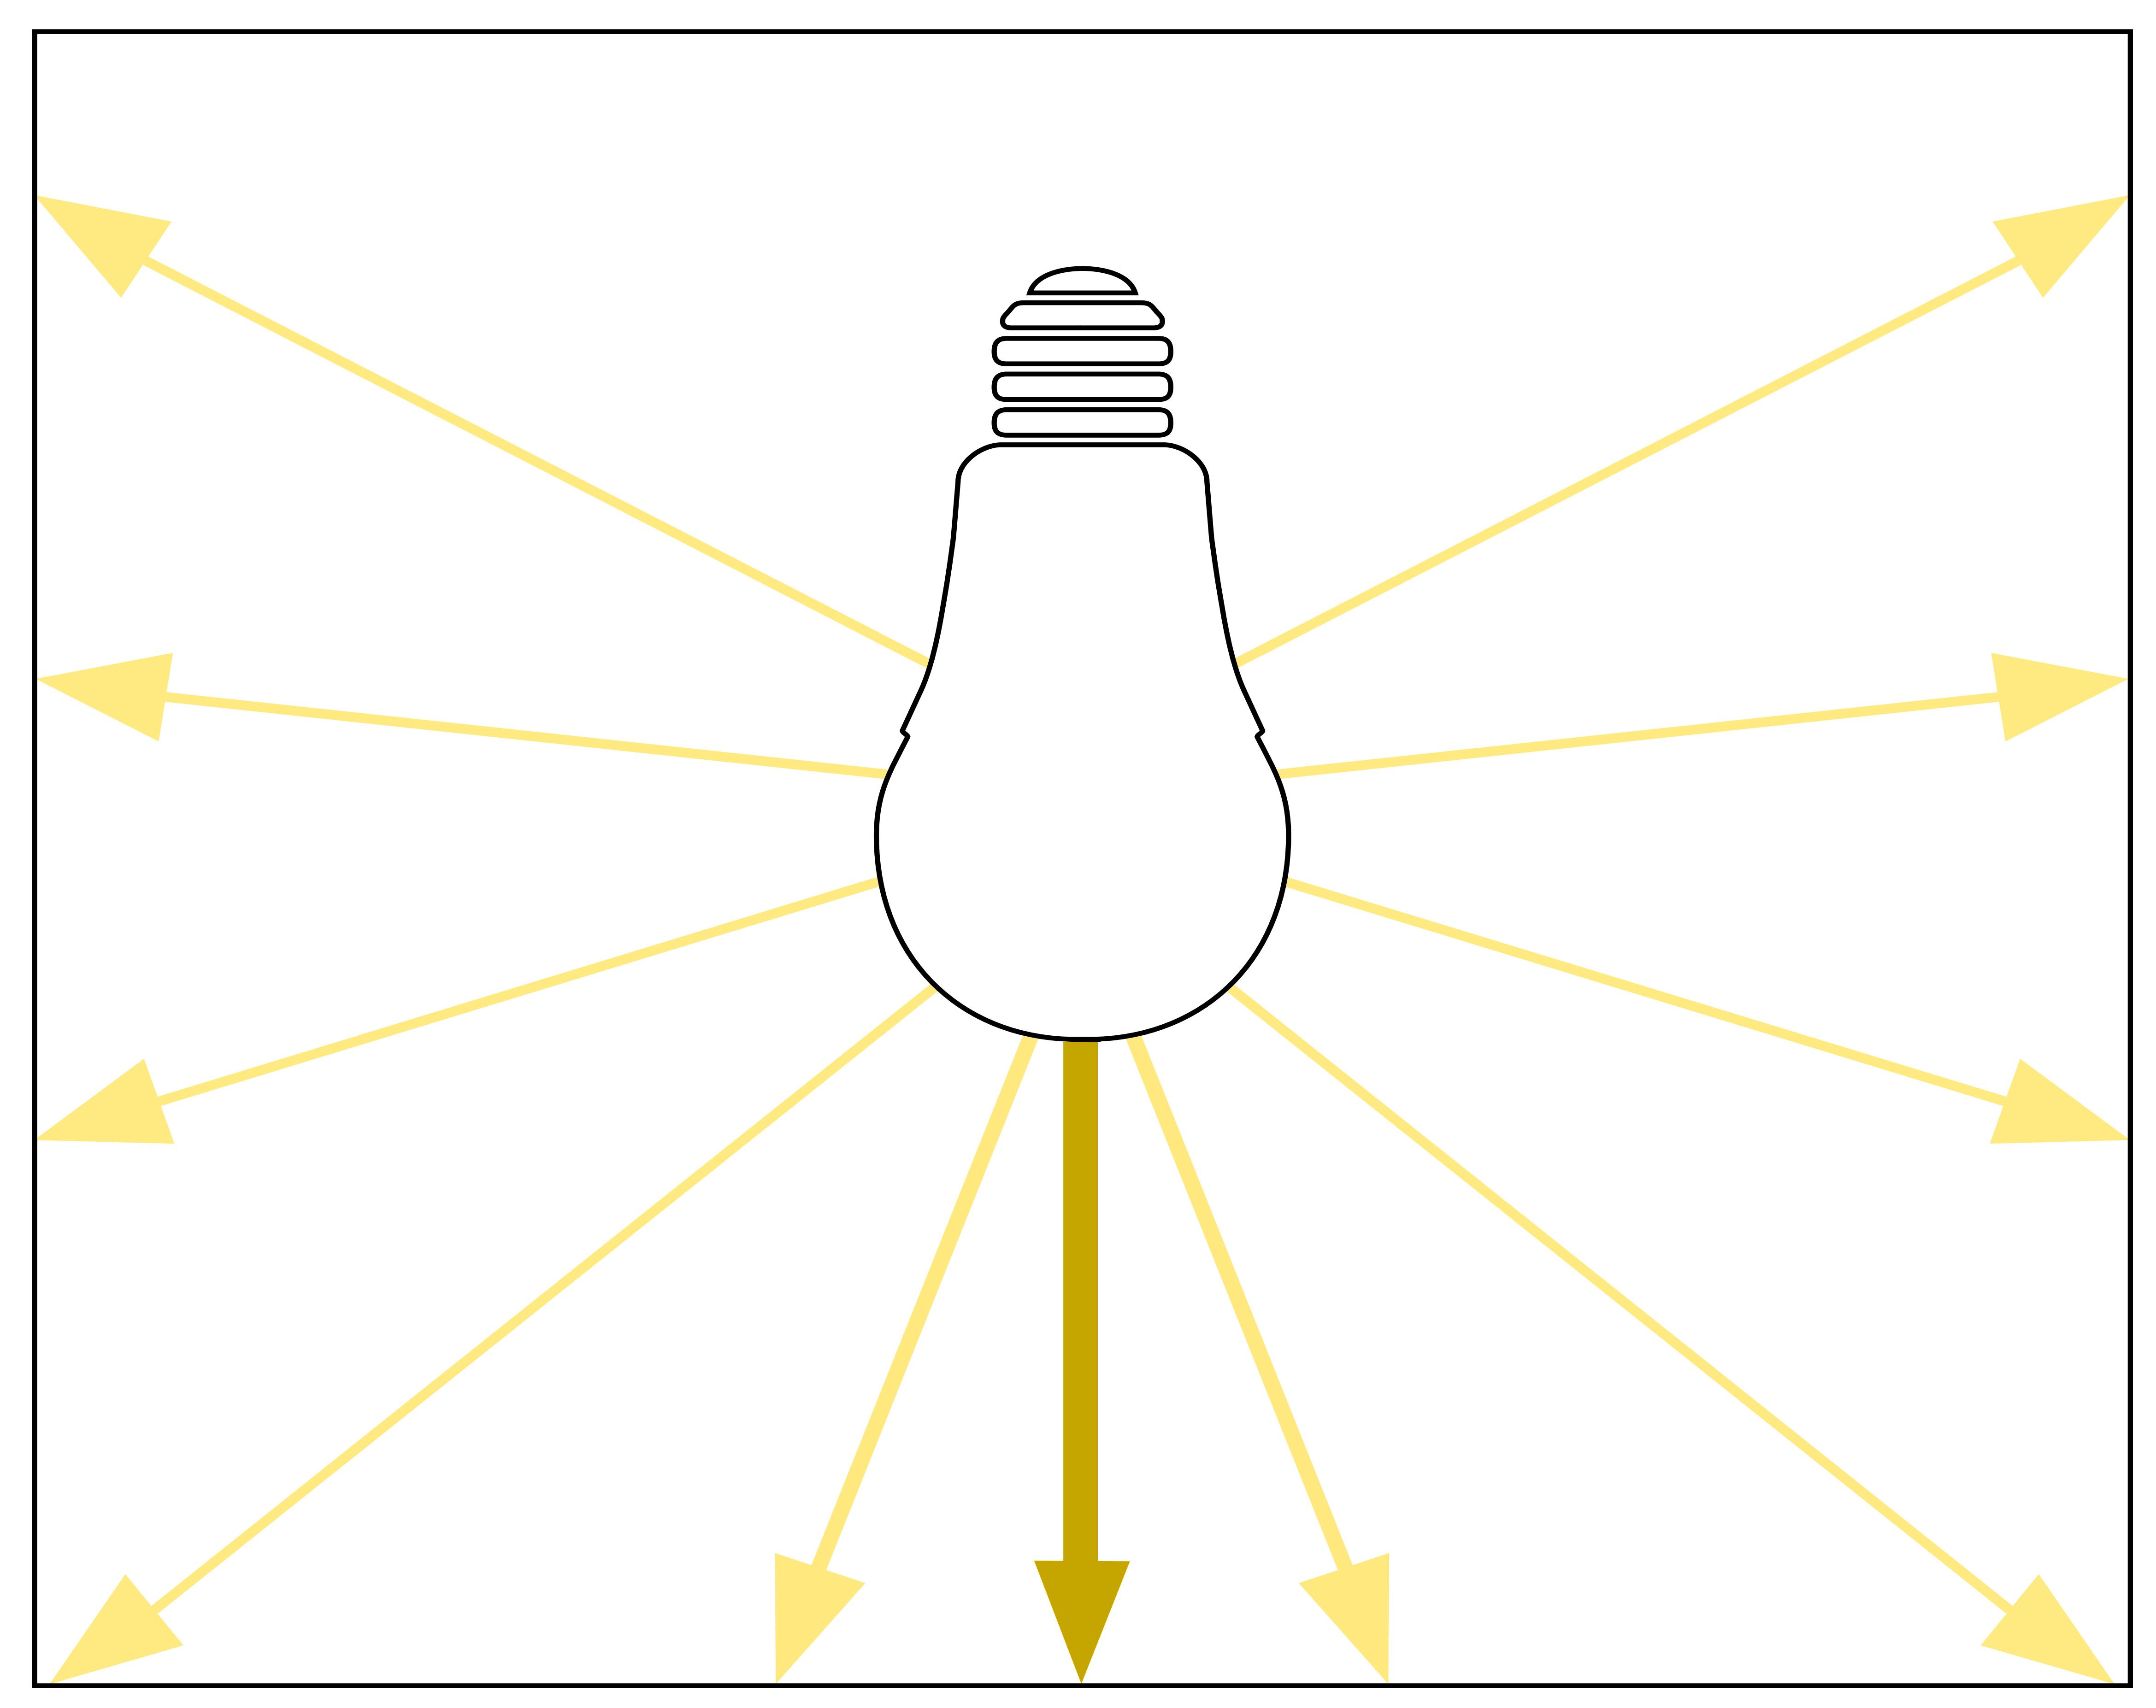 milyen fényerő a legjobb a látáshoz